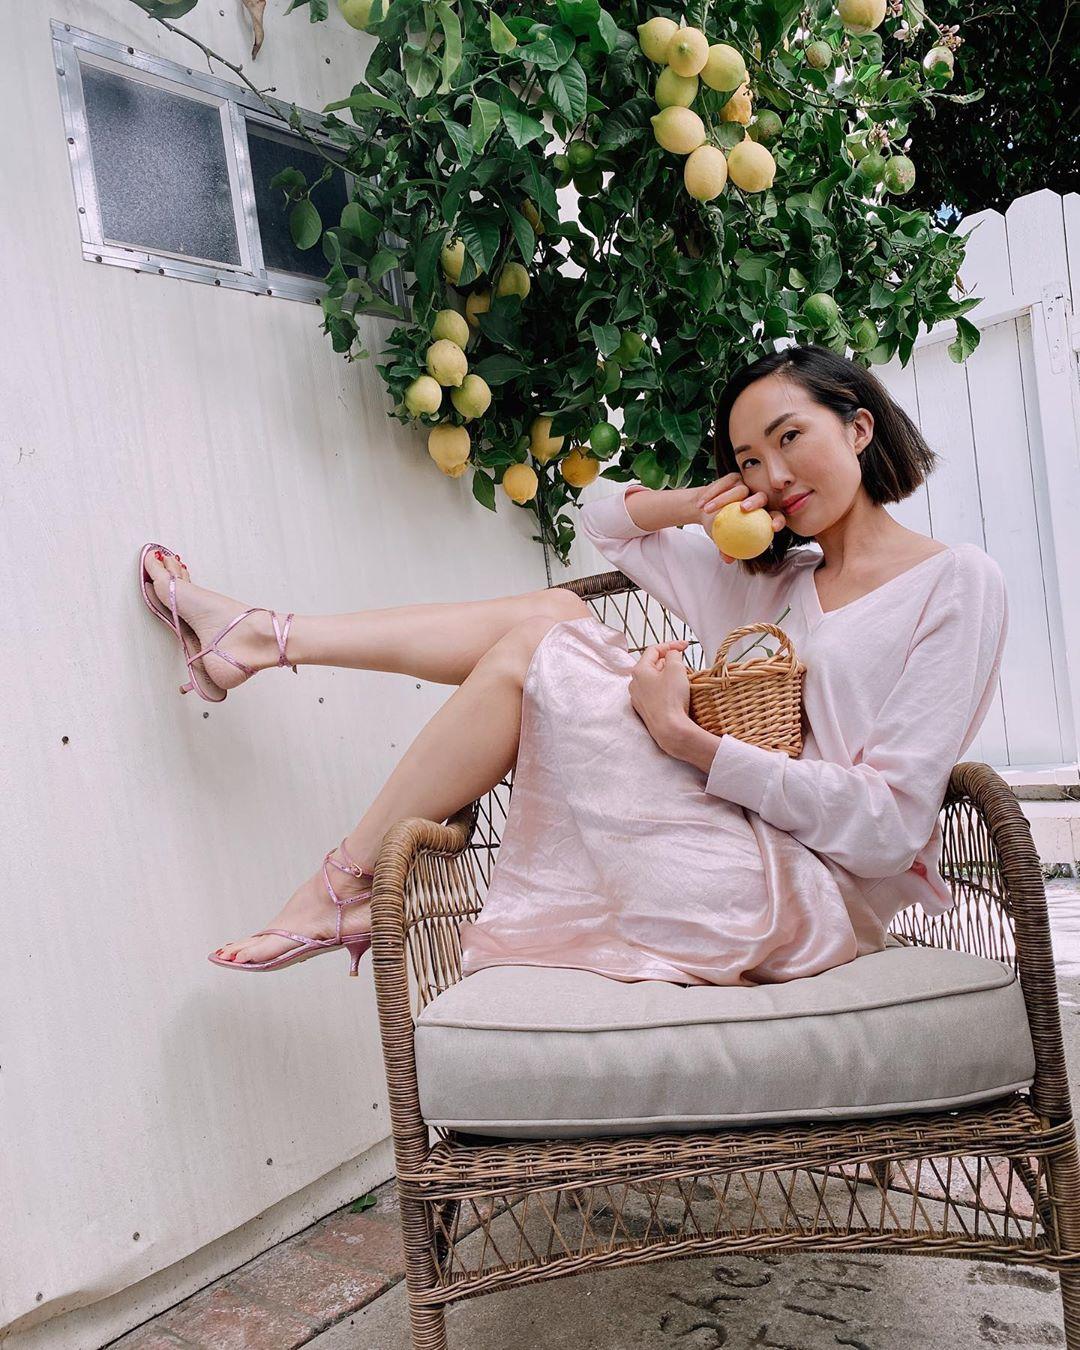 chriselle lim mặc chân váy lụa màu hồng thạch anh mang giày sandals hồng ánh kim